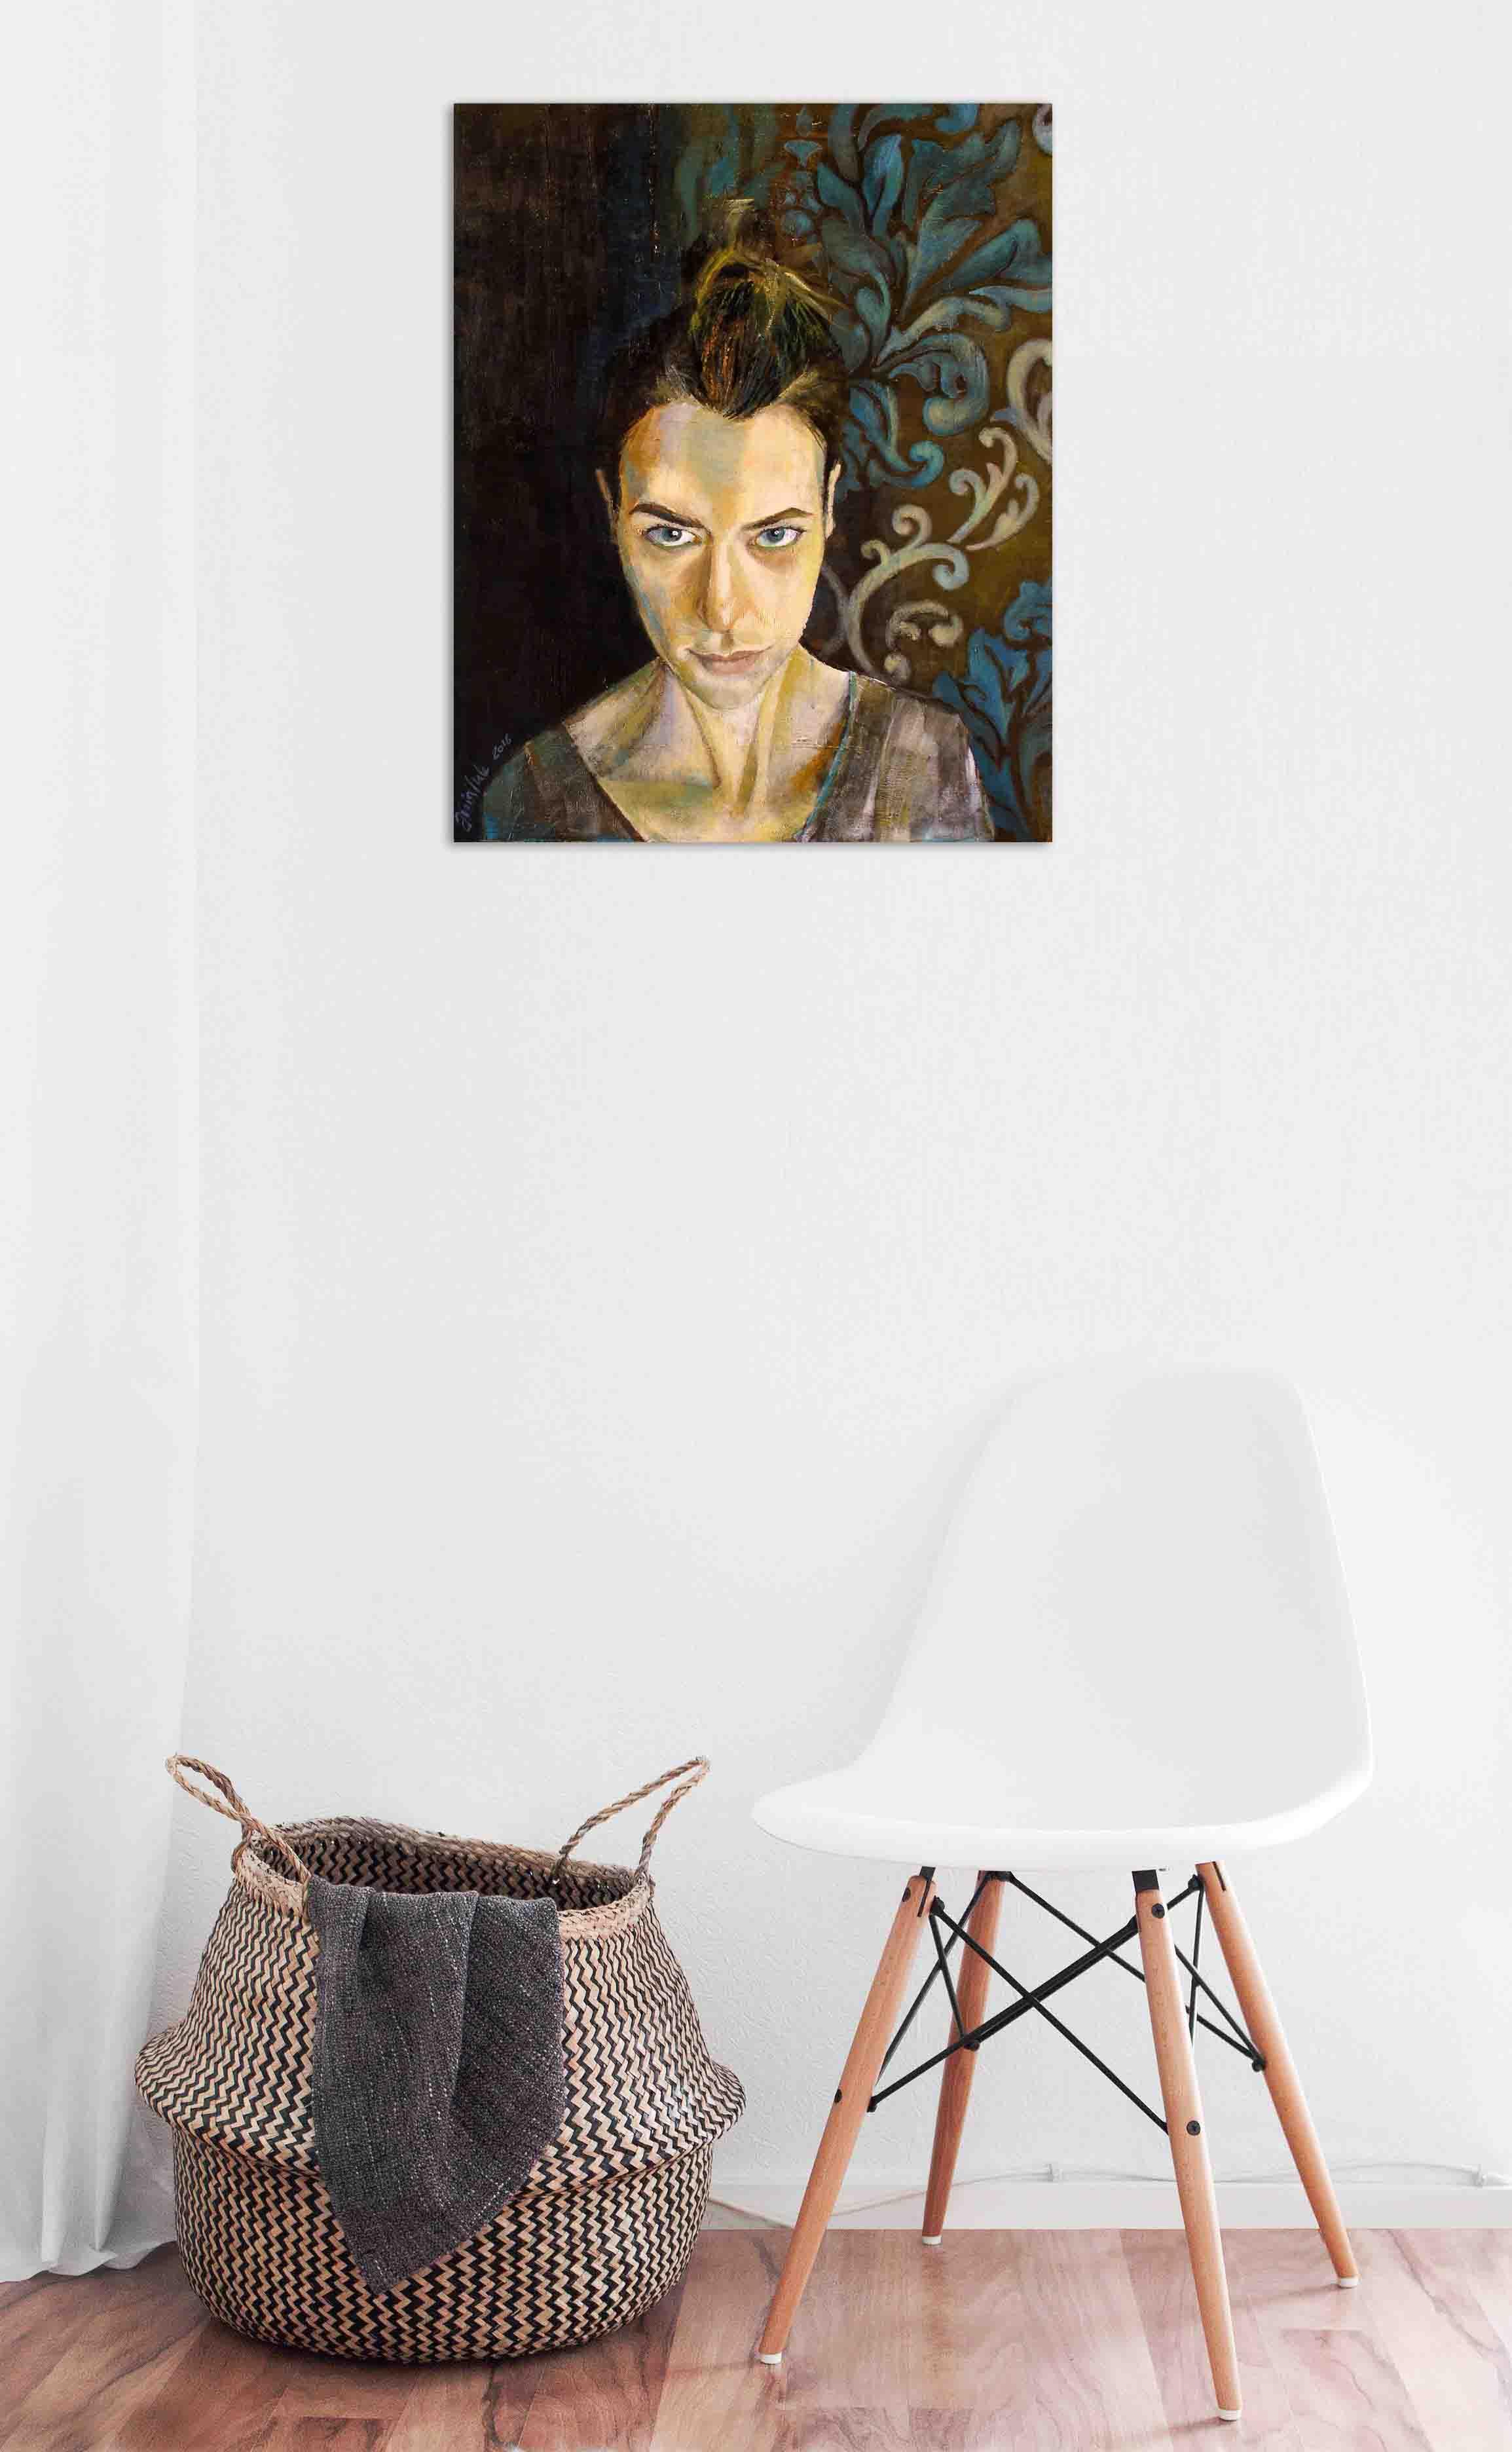 Self-Portrait 1 visualisation